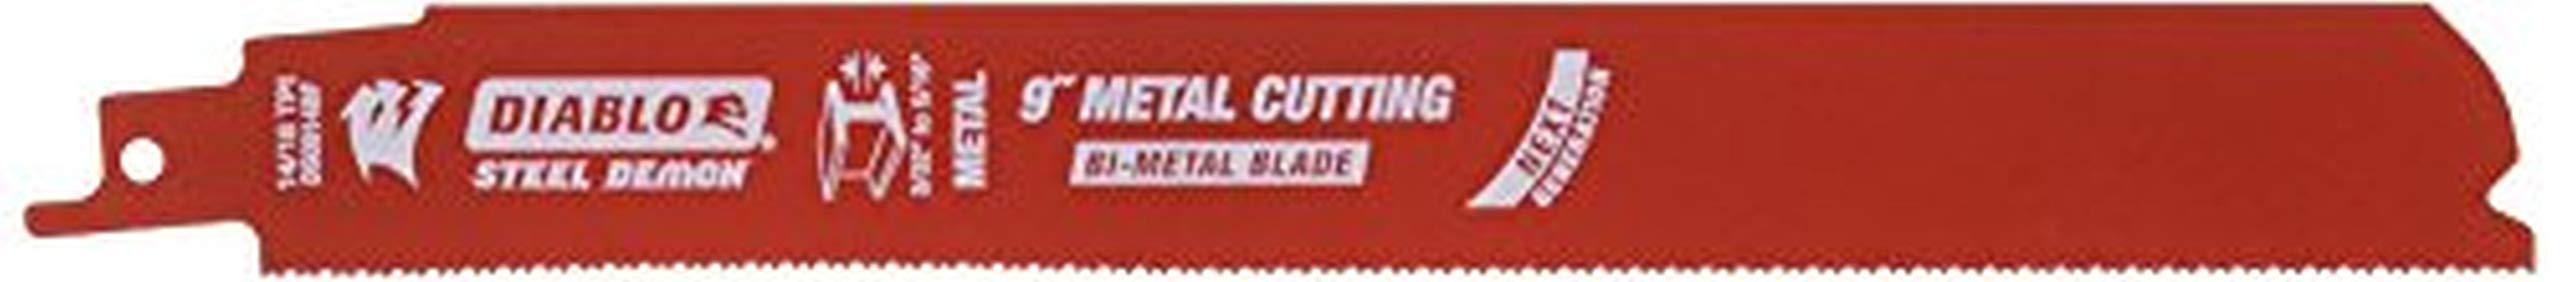 Freud DS0914BF25 Steel Demon Bi-Metal Reciprocating Blade,9'' by Freud